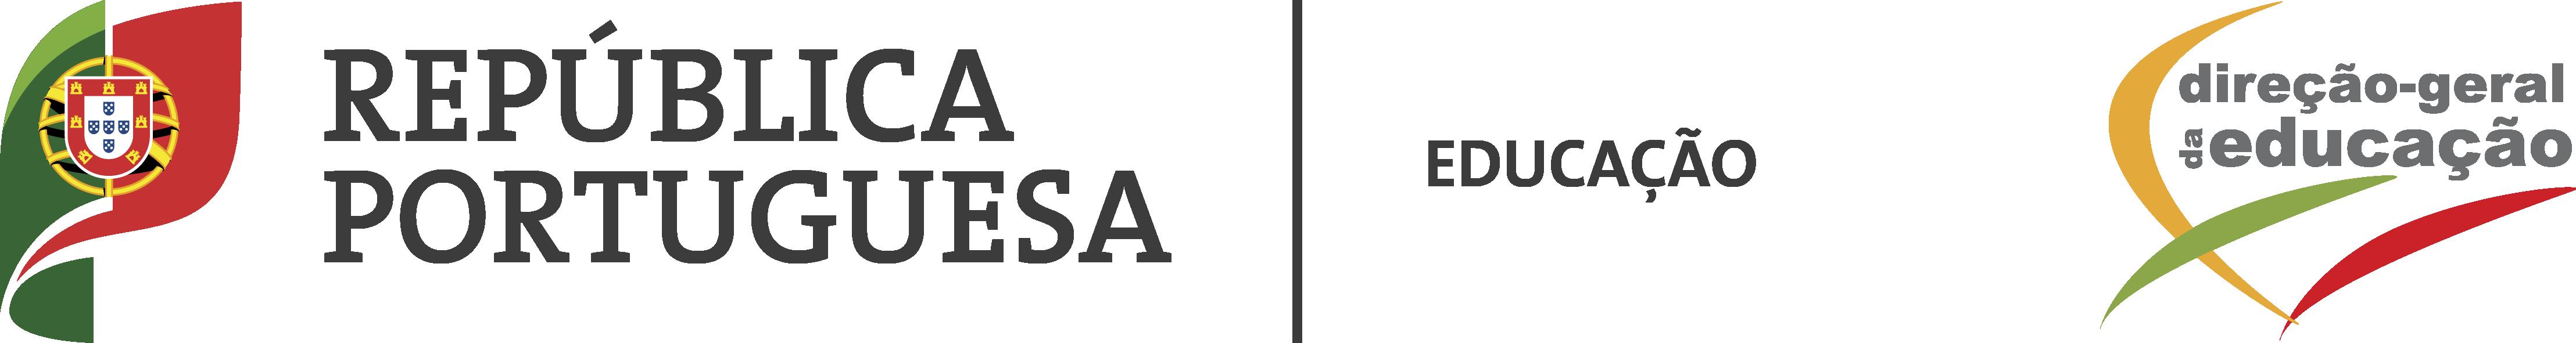 Logotipo Realizar candidatura à acreditação de entidade avaliadora e certificadora de manuais escolares